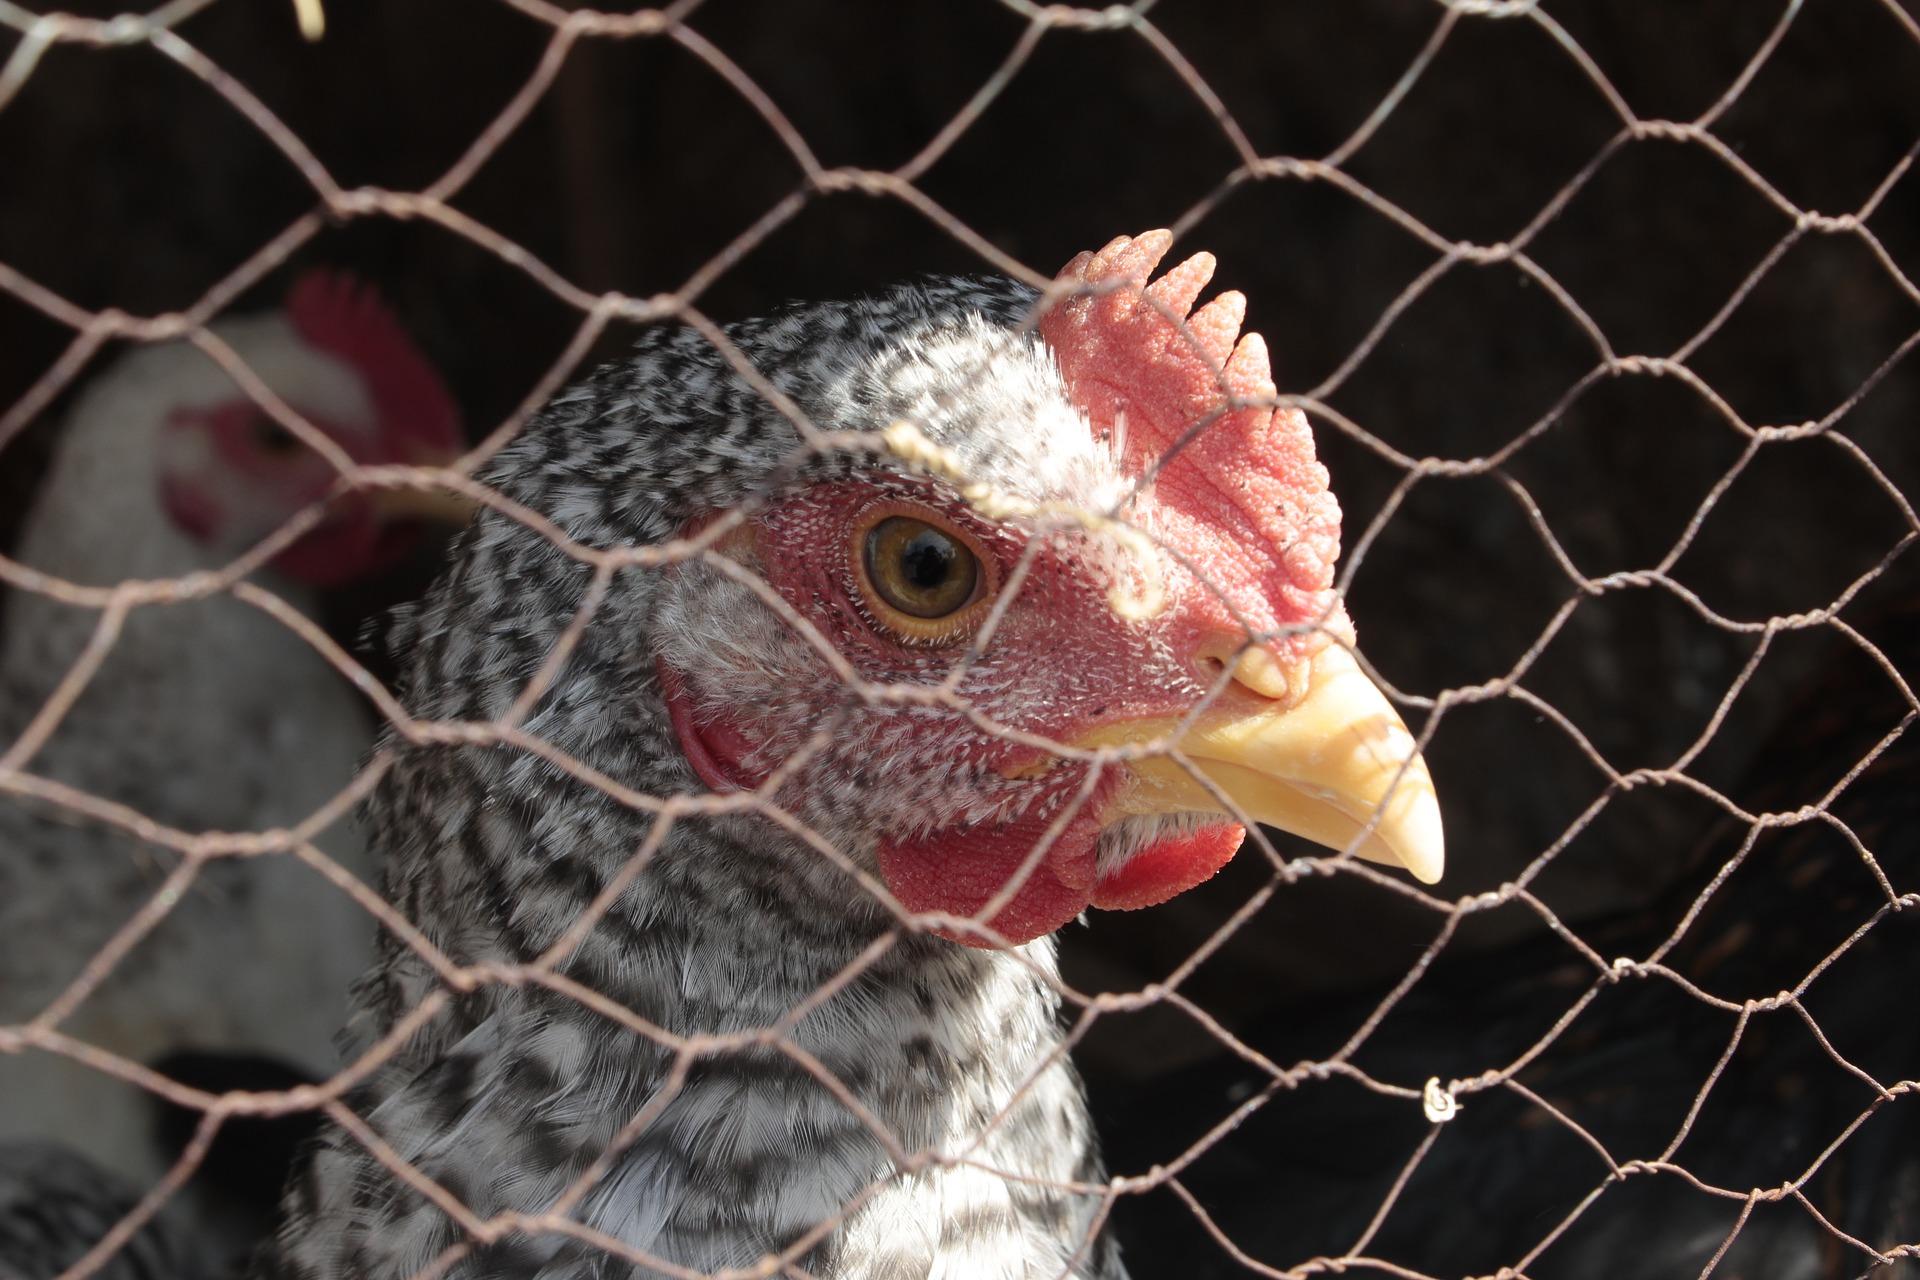 cage volaille_bienetre_CLCV_etiquette_animal